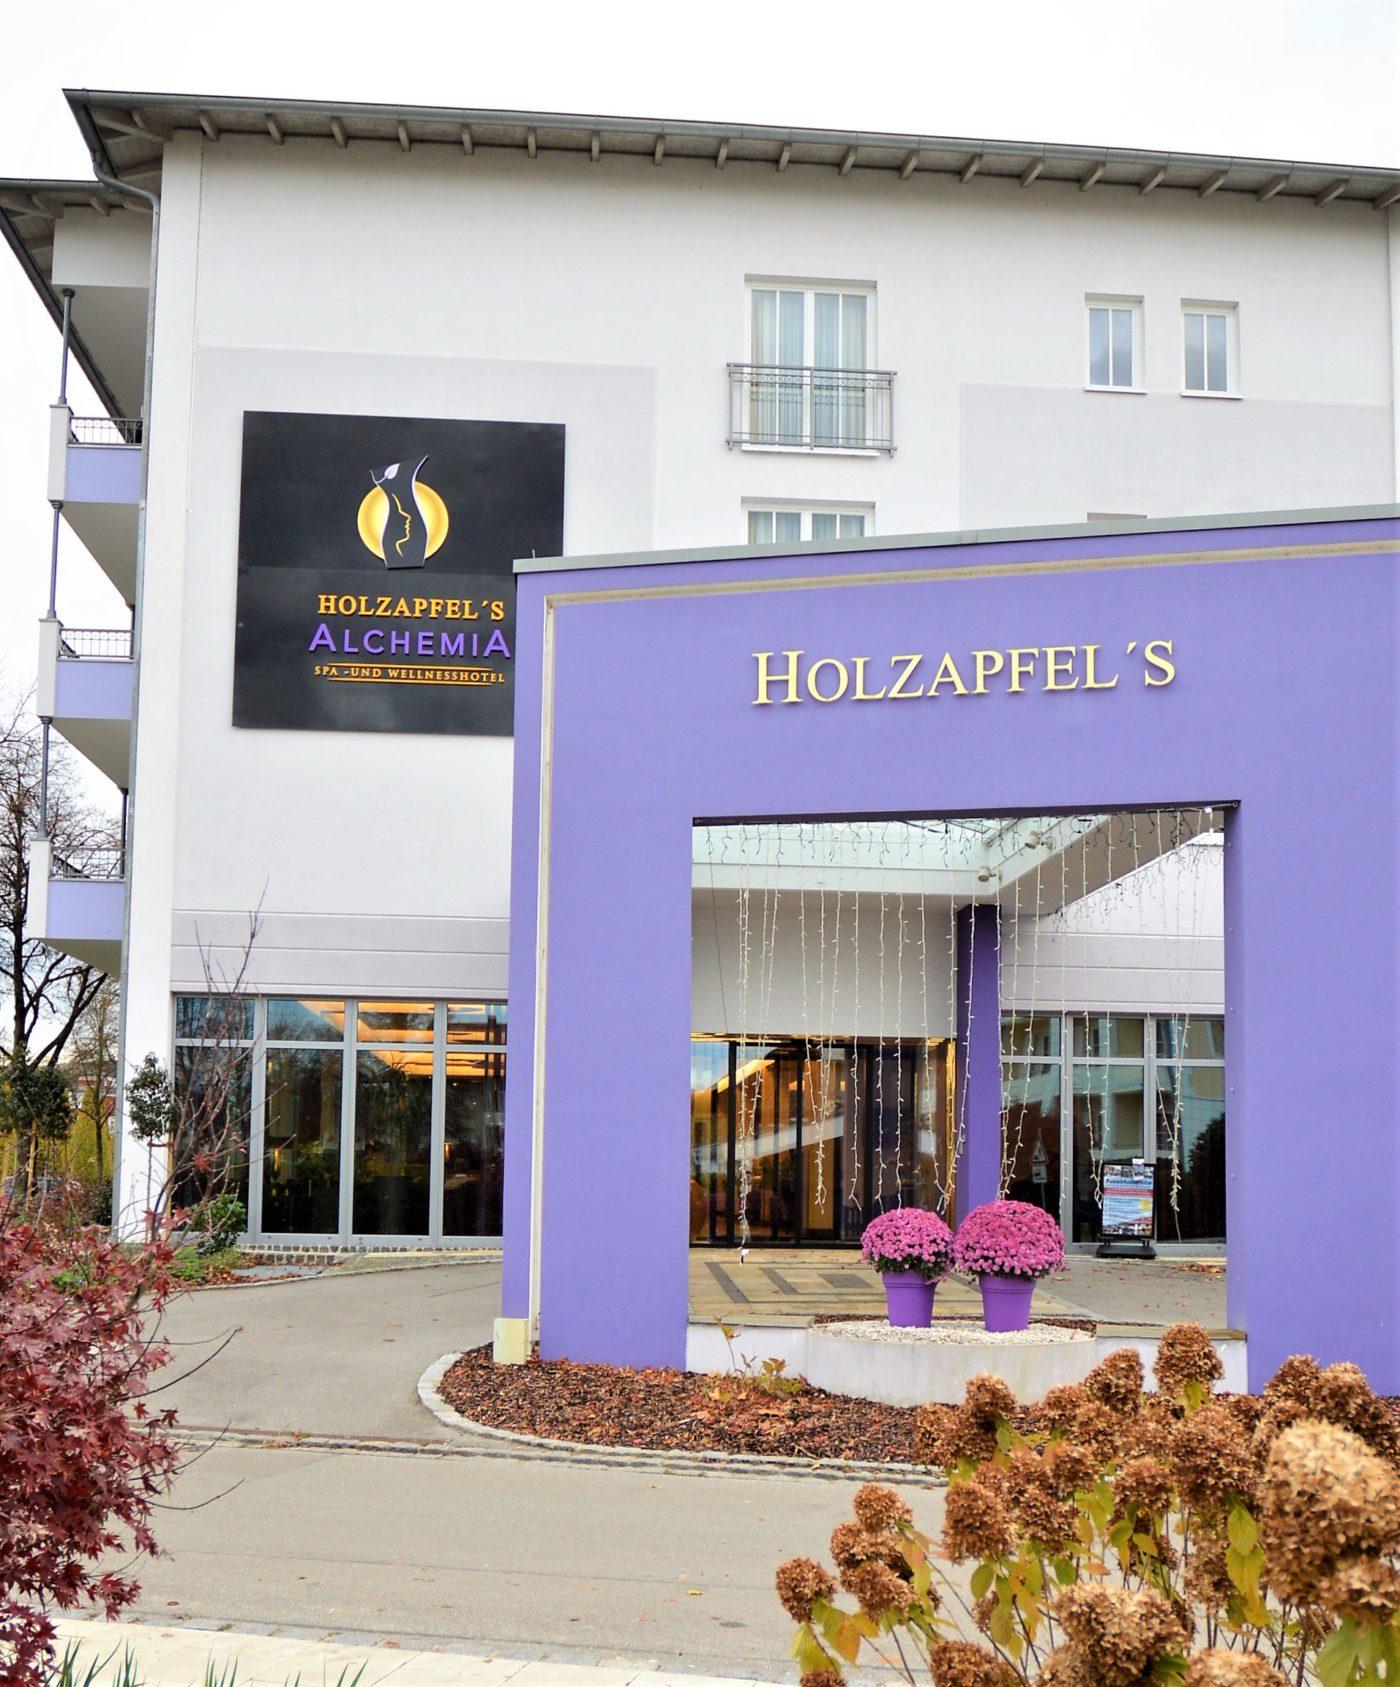 Hotel Holzapfel